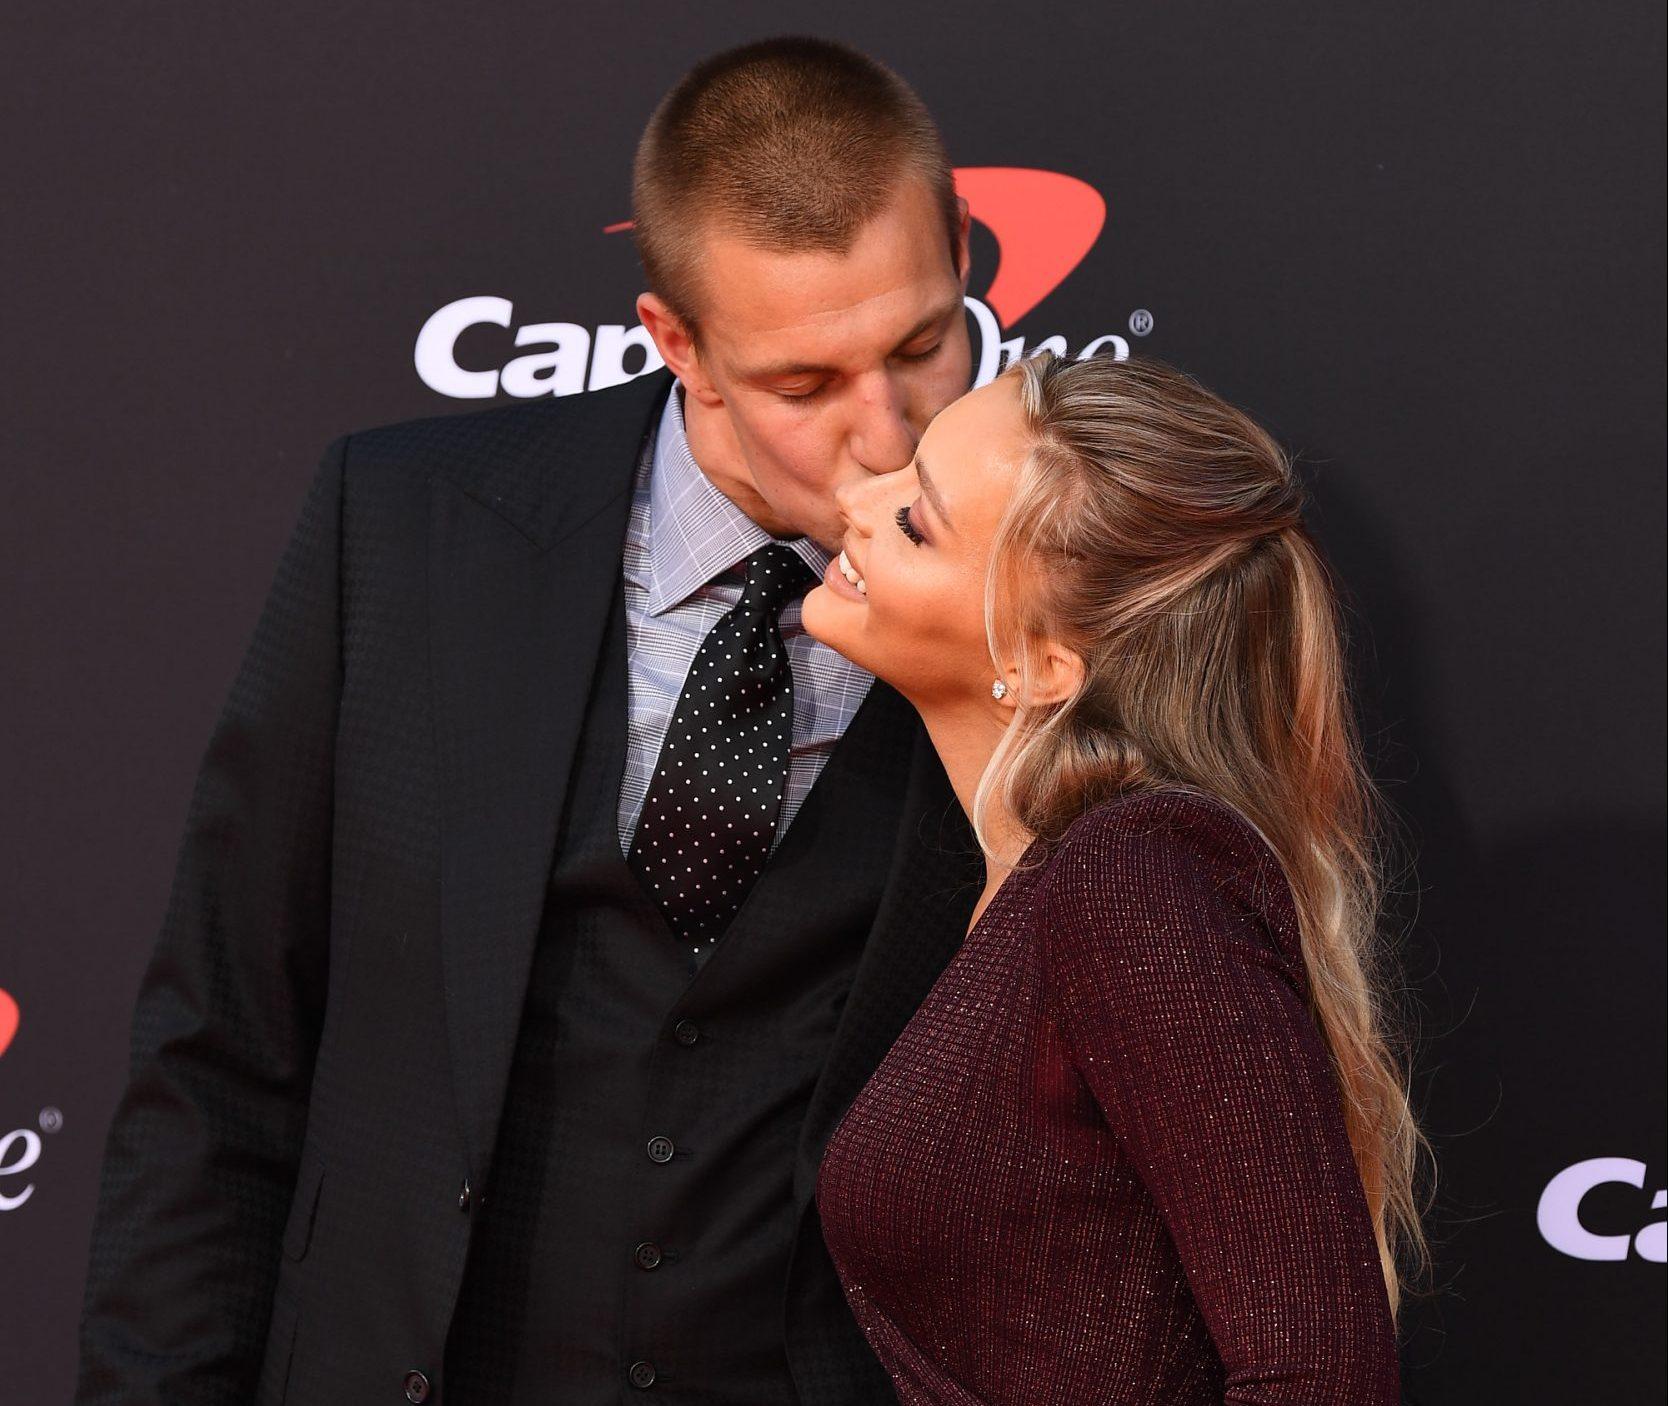 Rob Gronkowski and Camille Kostek at the ESPYS